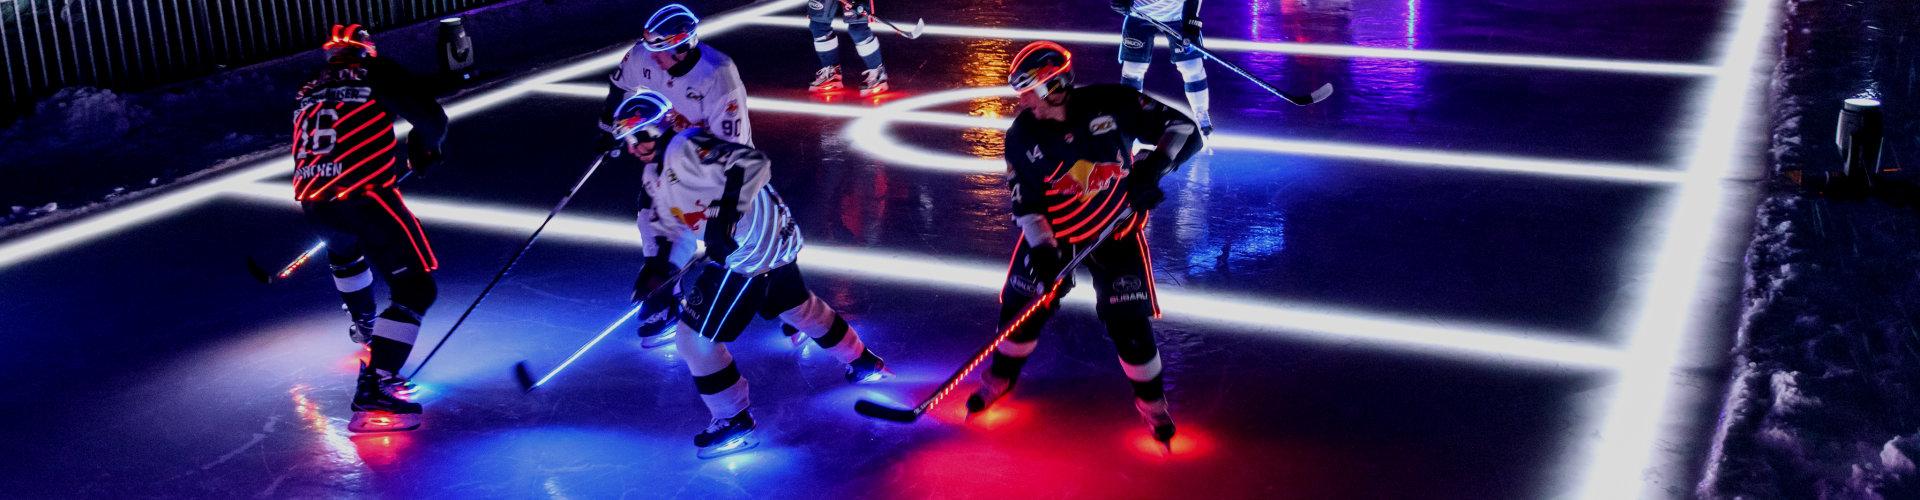 纺织照明欧司朗和在祖格峰最高点的慕尼黑红牛队(EHC Red Bull München)